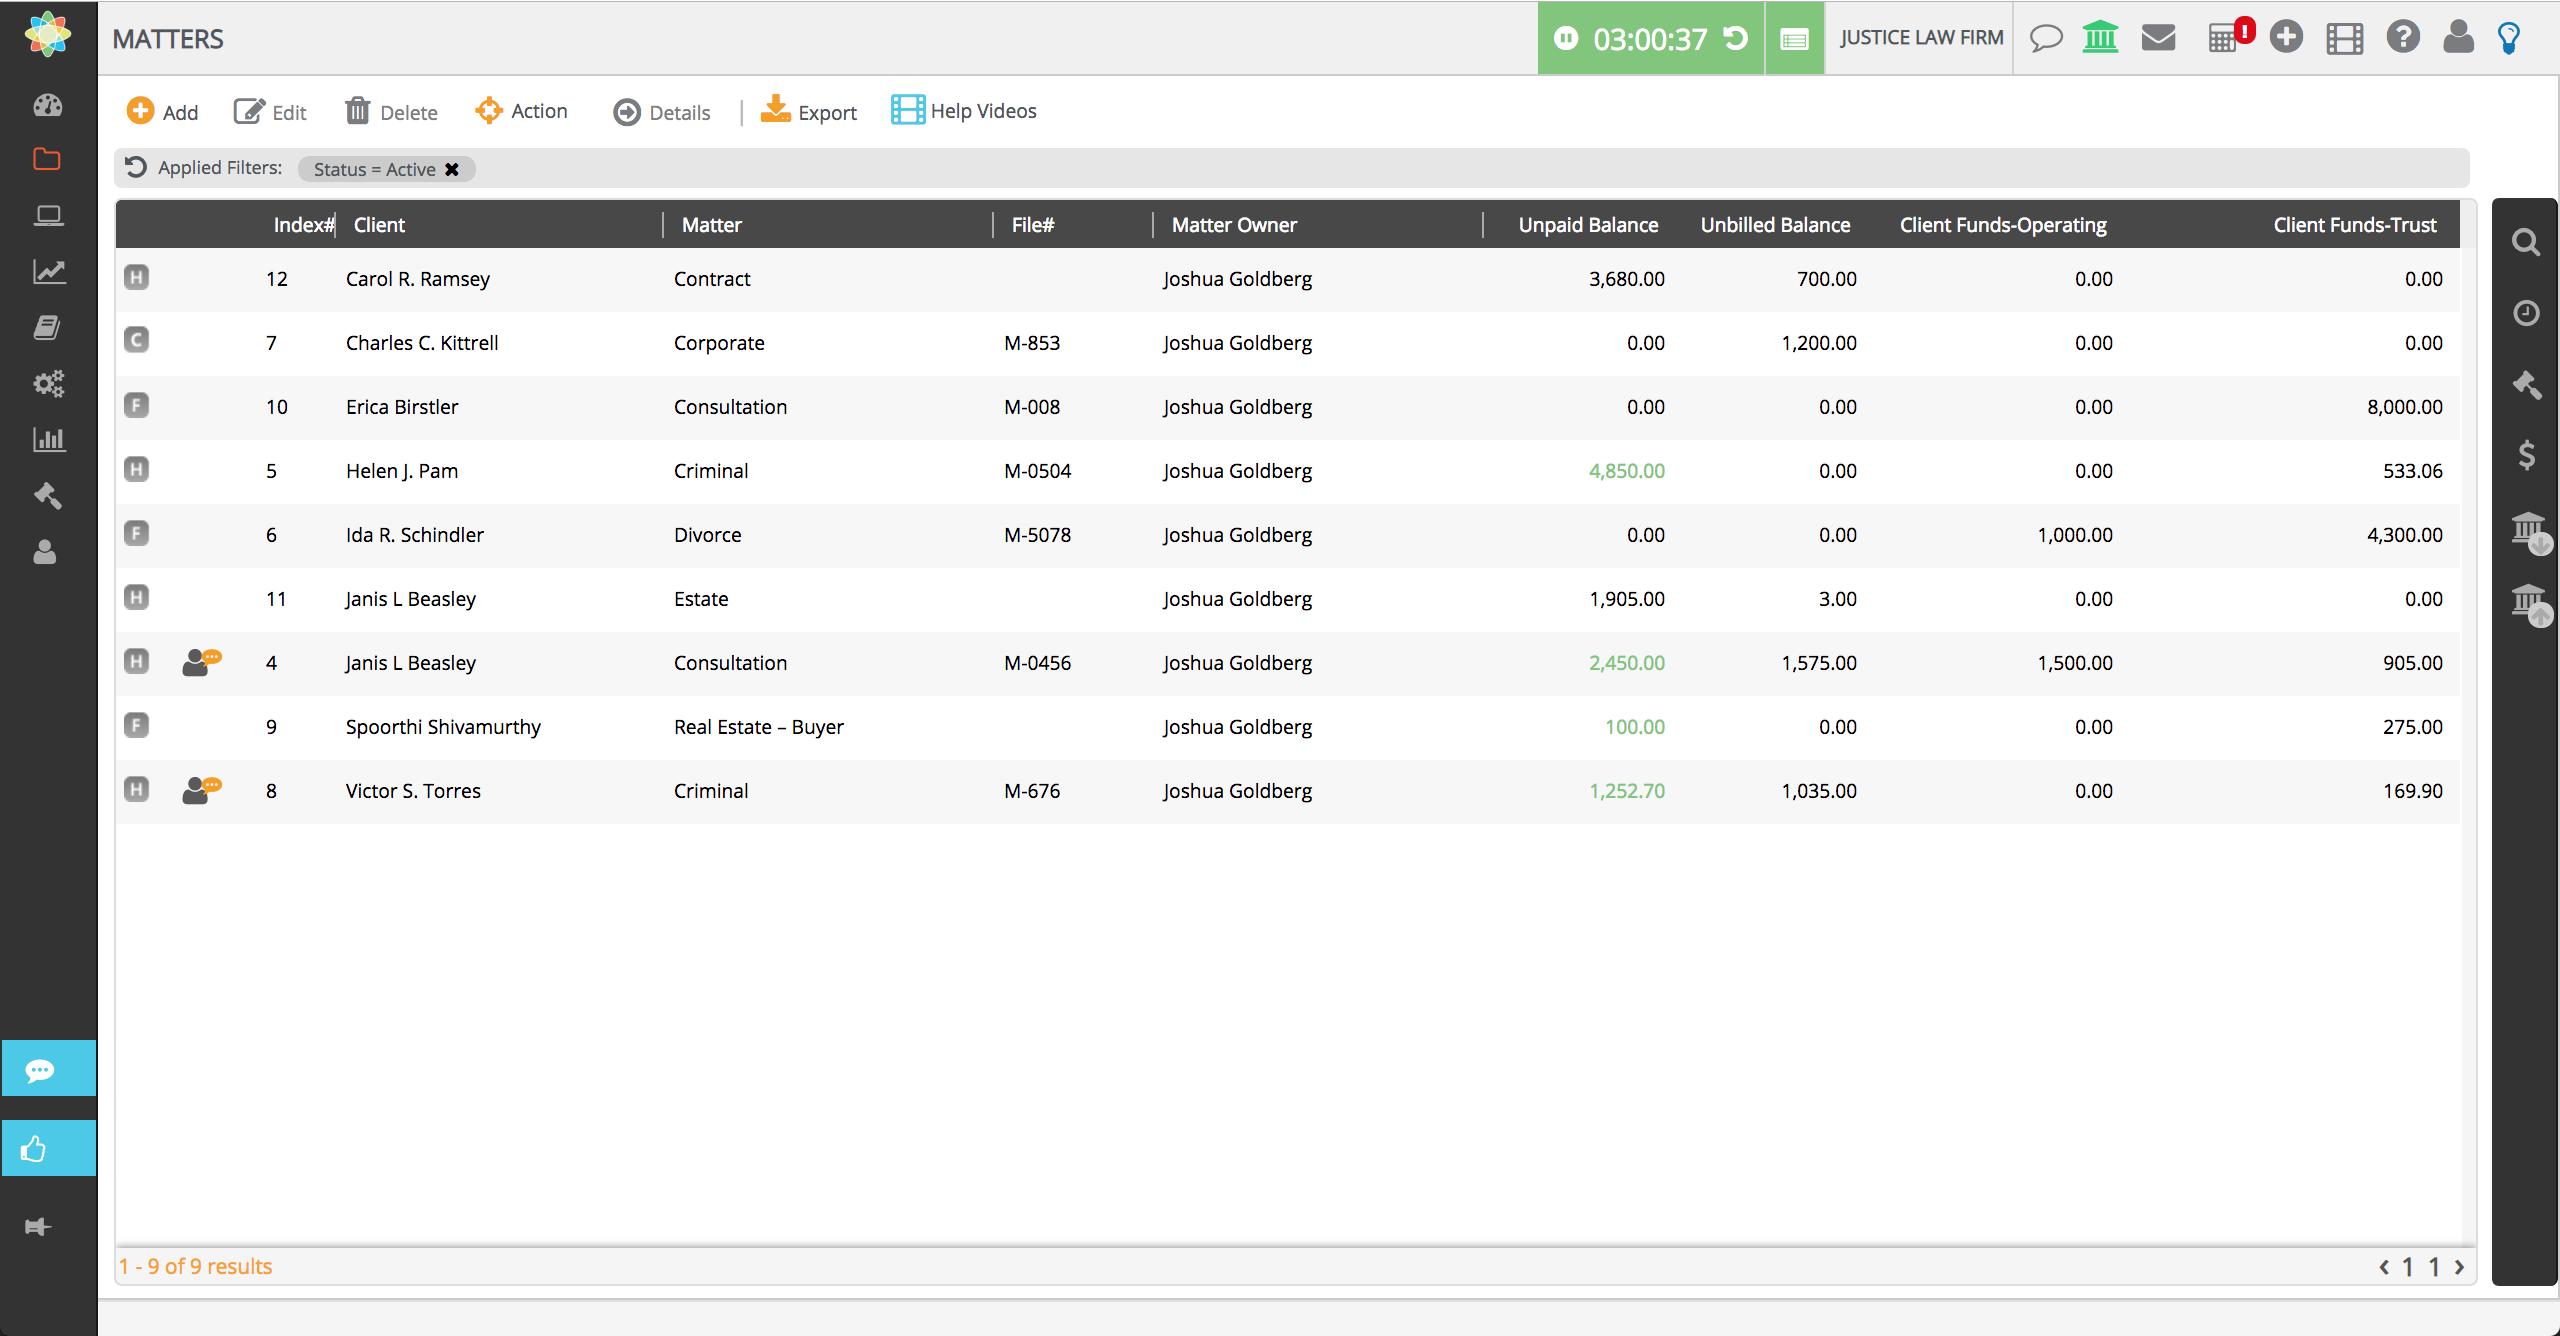 CosmoLex Demo - CosmoLex Matter Landing Page